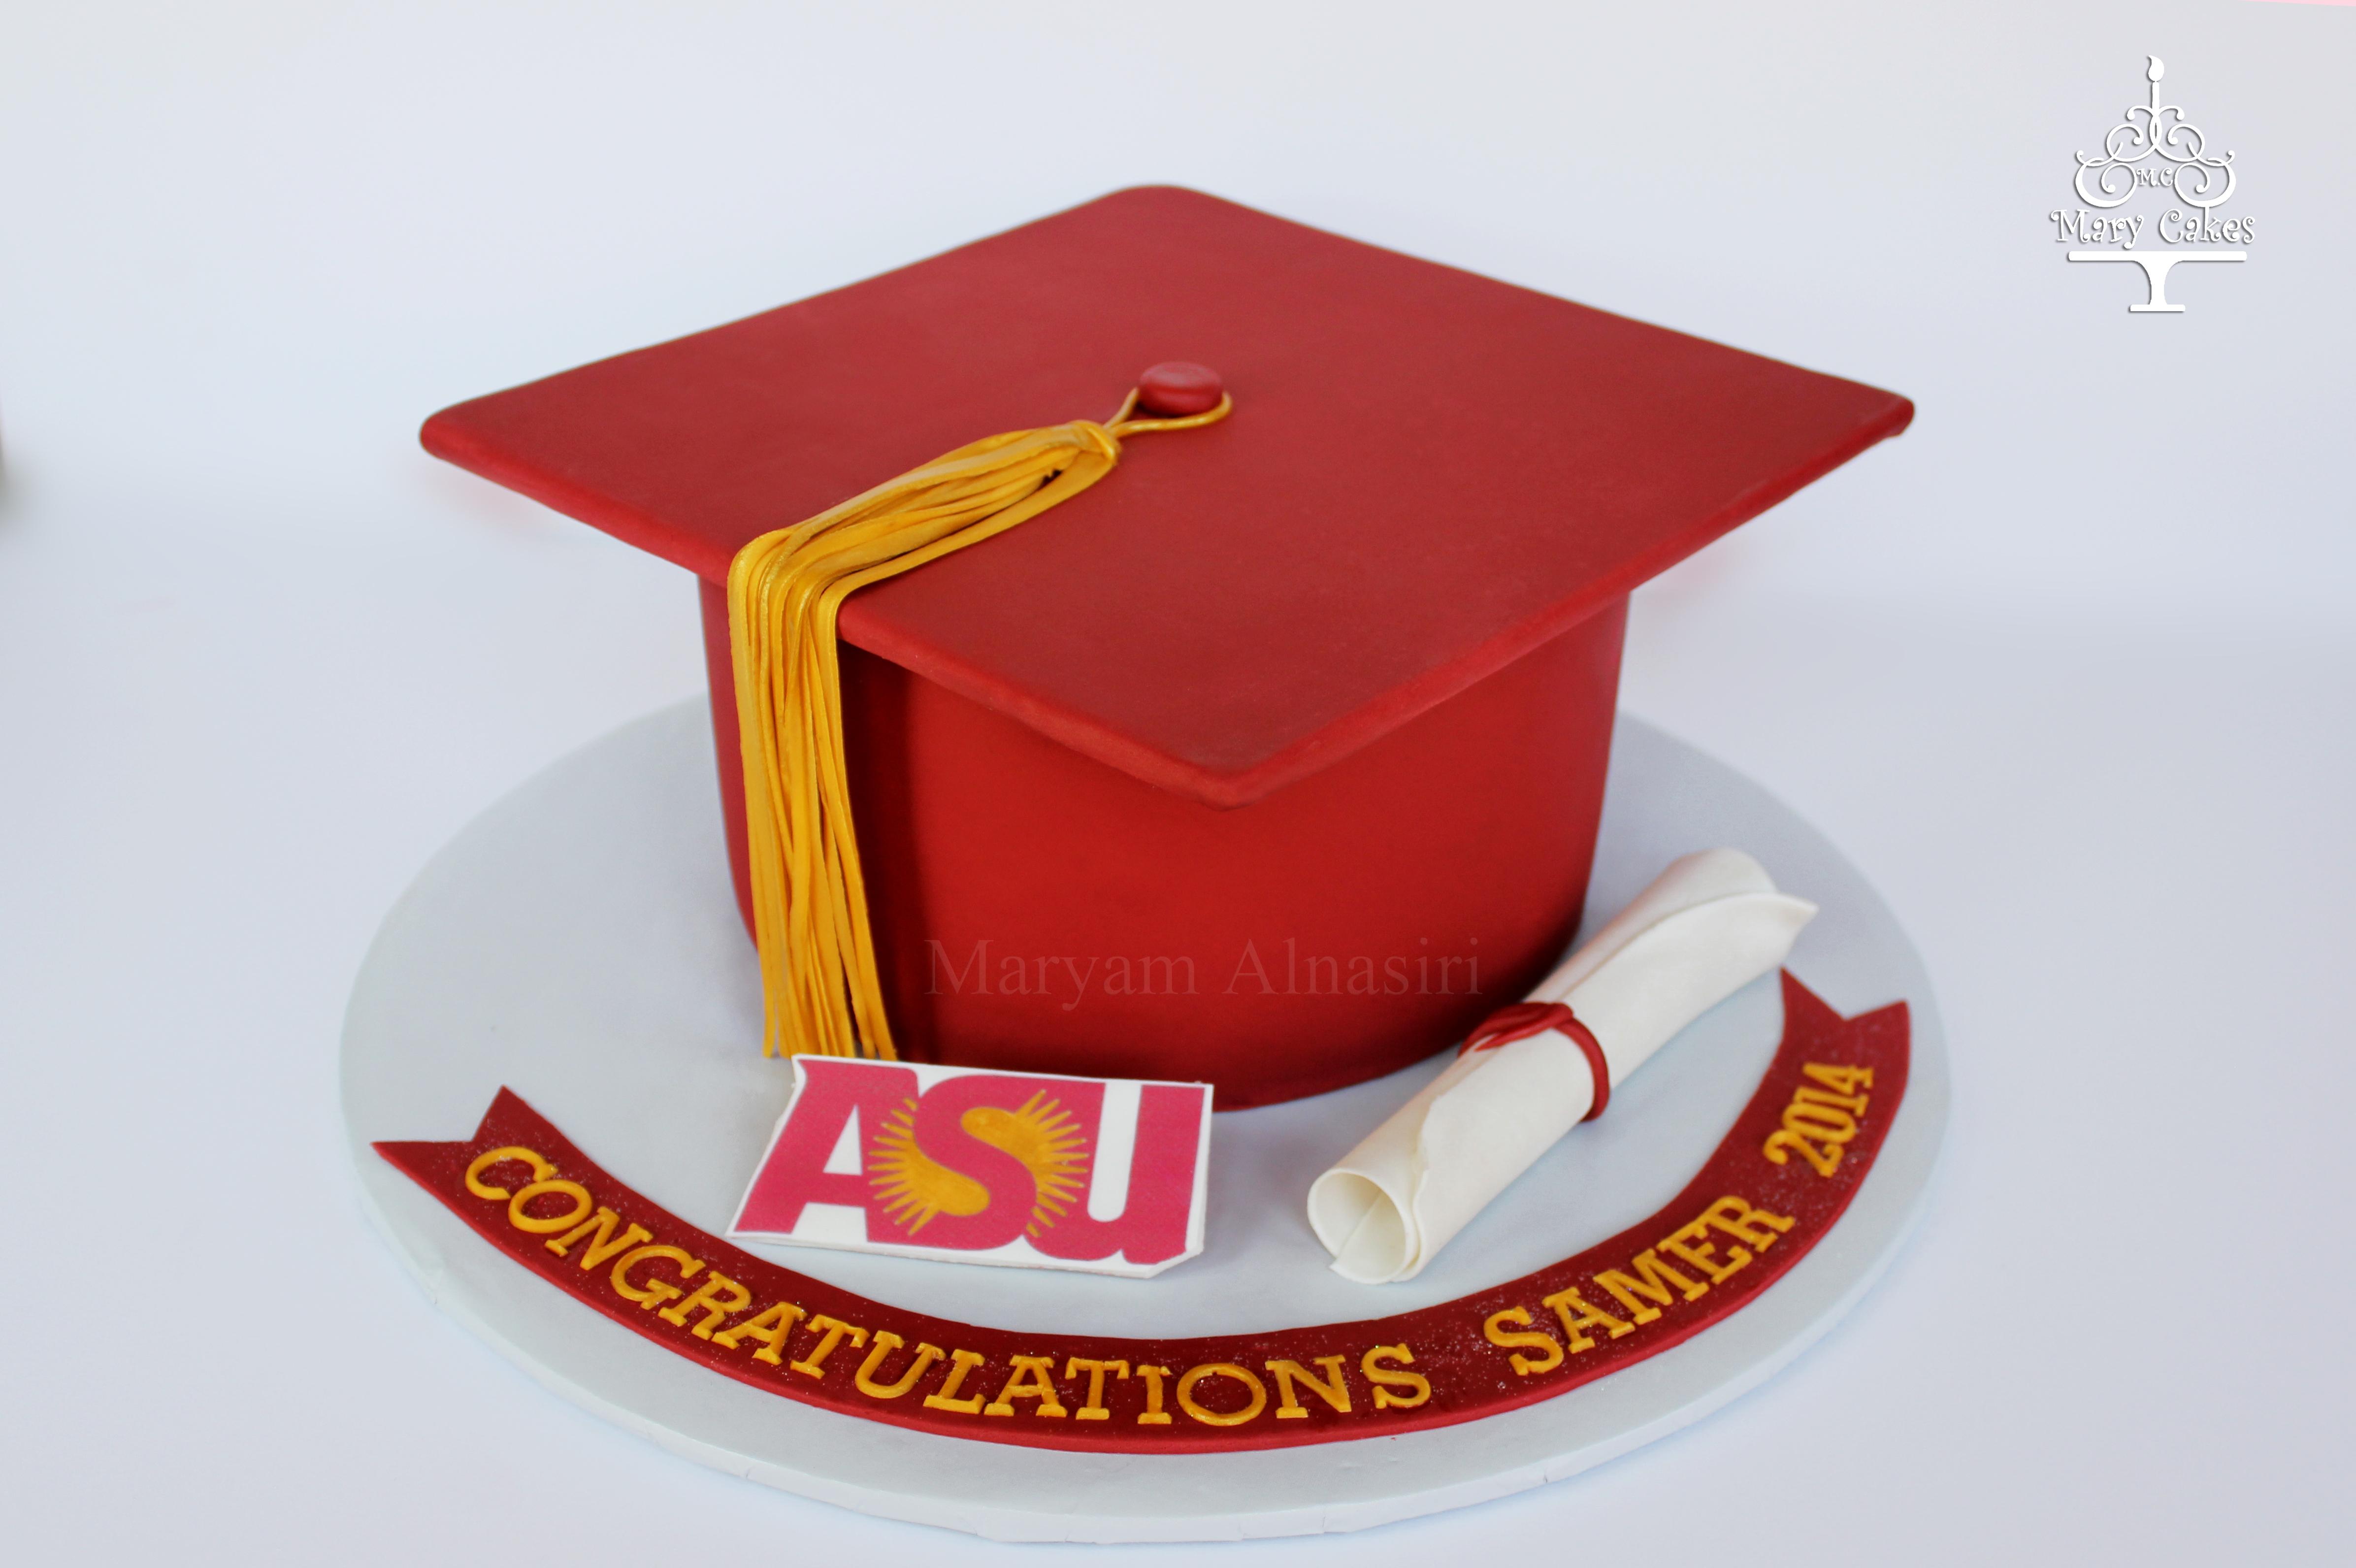 College Graduation Cake Images : High School Graduation Cake - CakeCentral.com